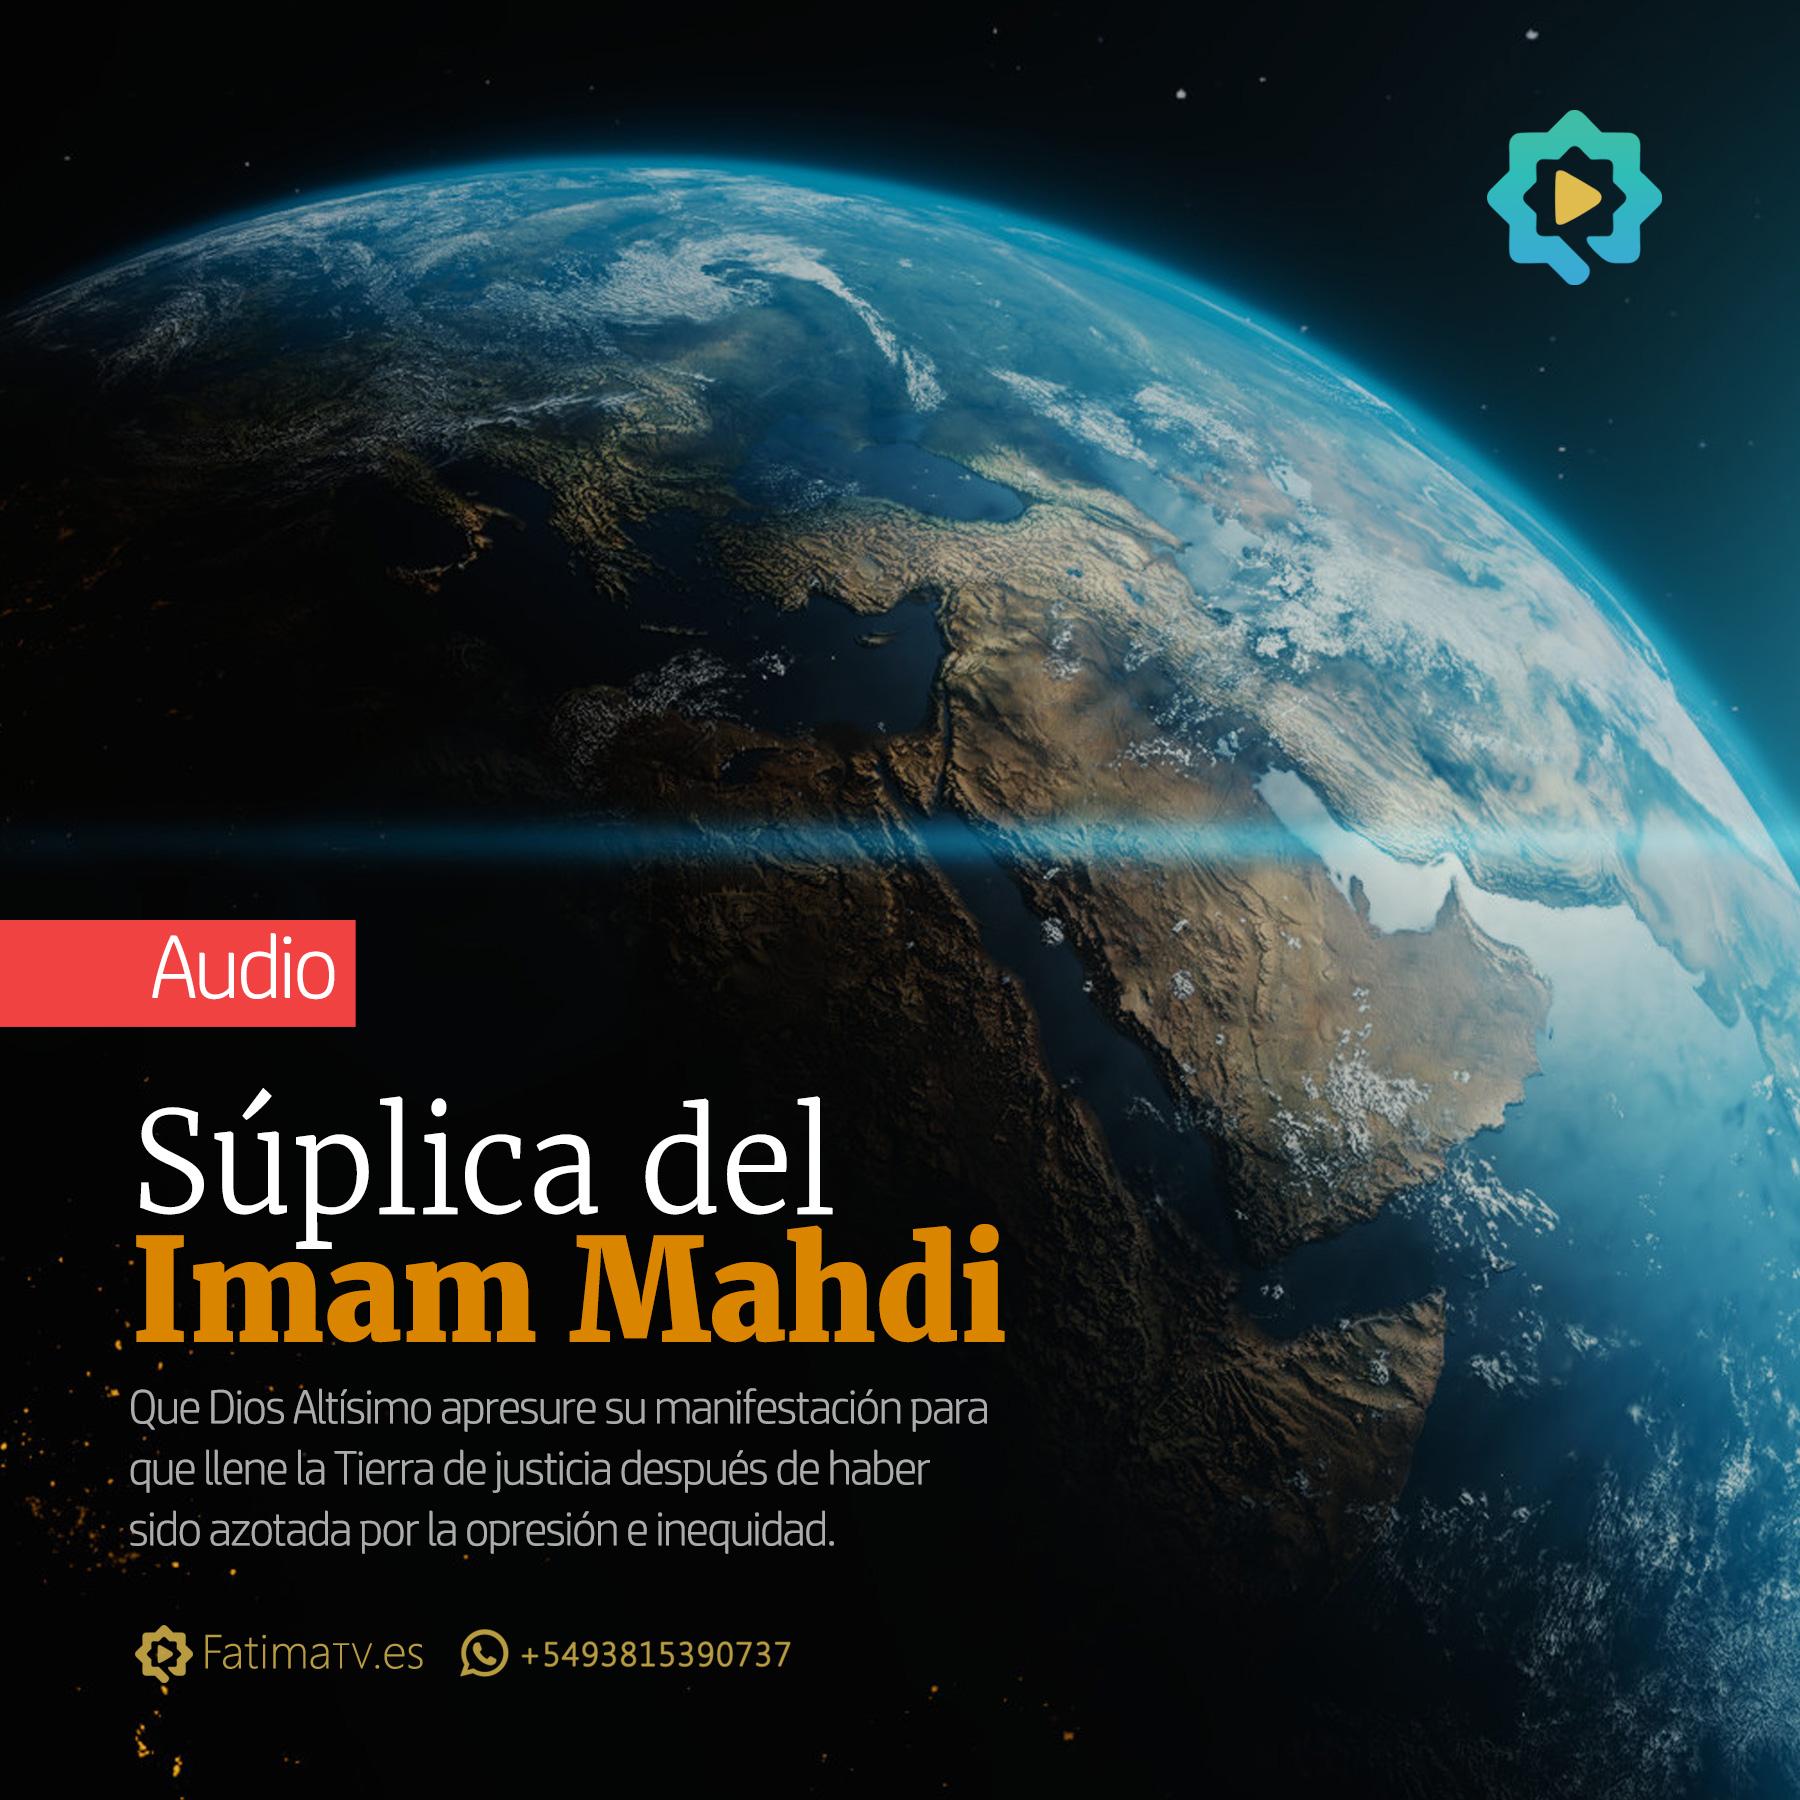 Súplica del Imam Mahdi